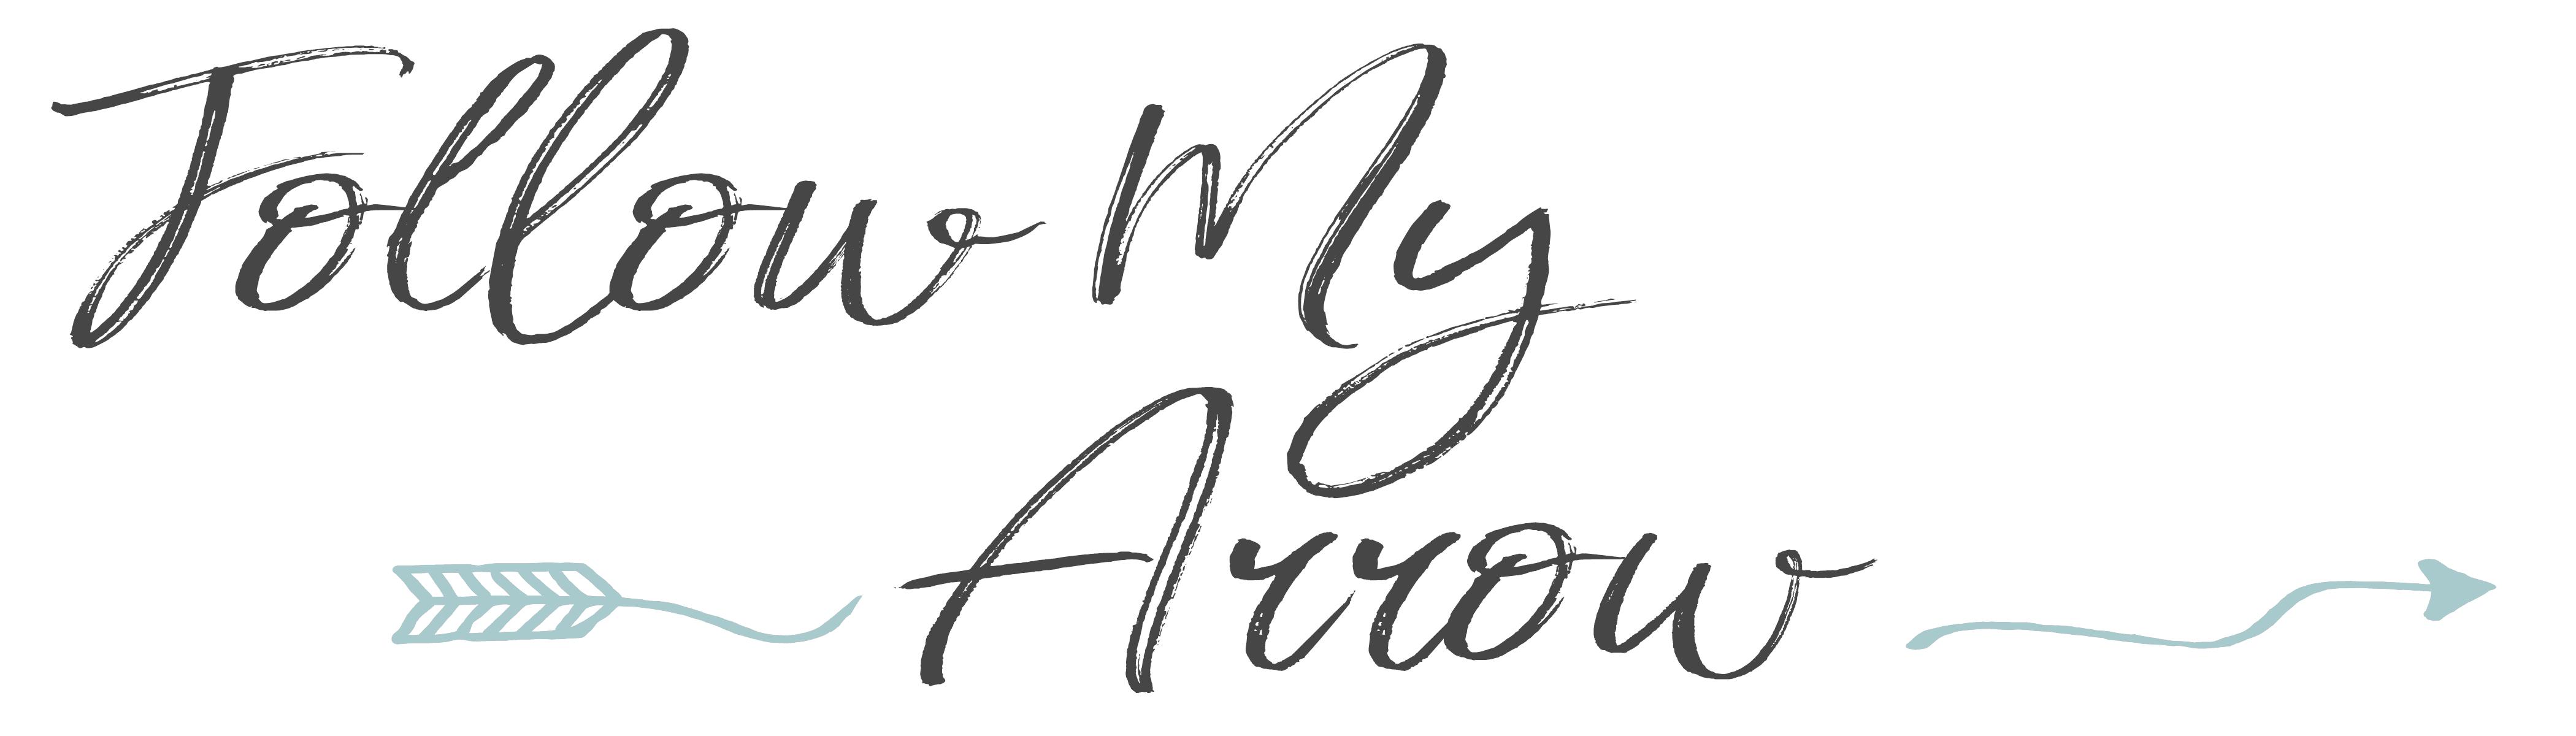 The Best Calendar App for FREE! » Follow My Arrow